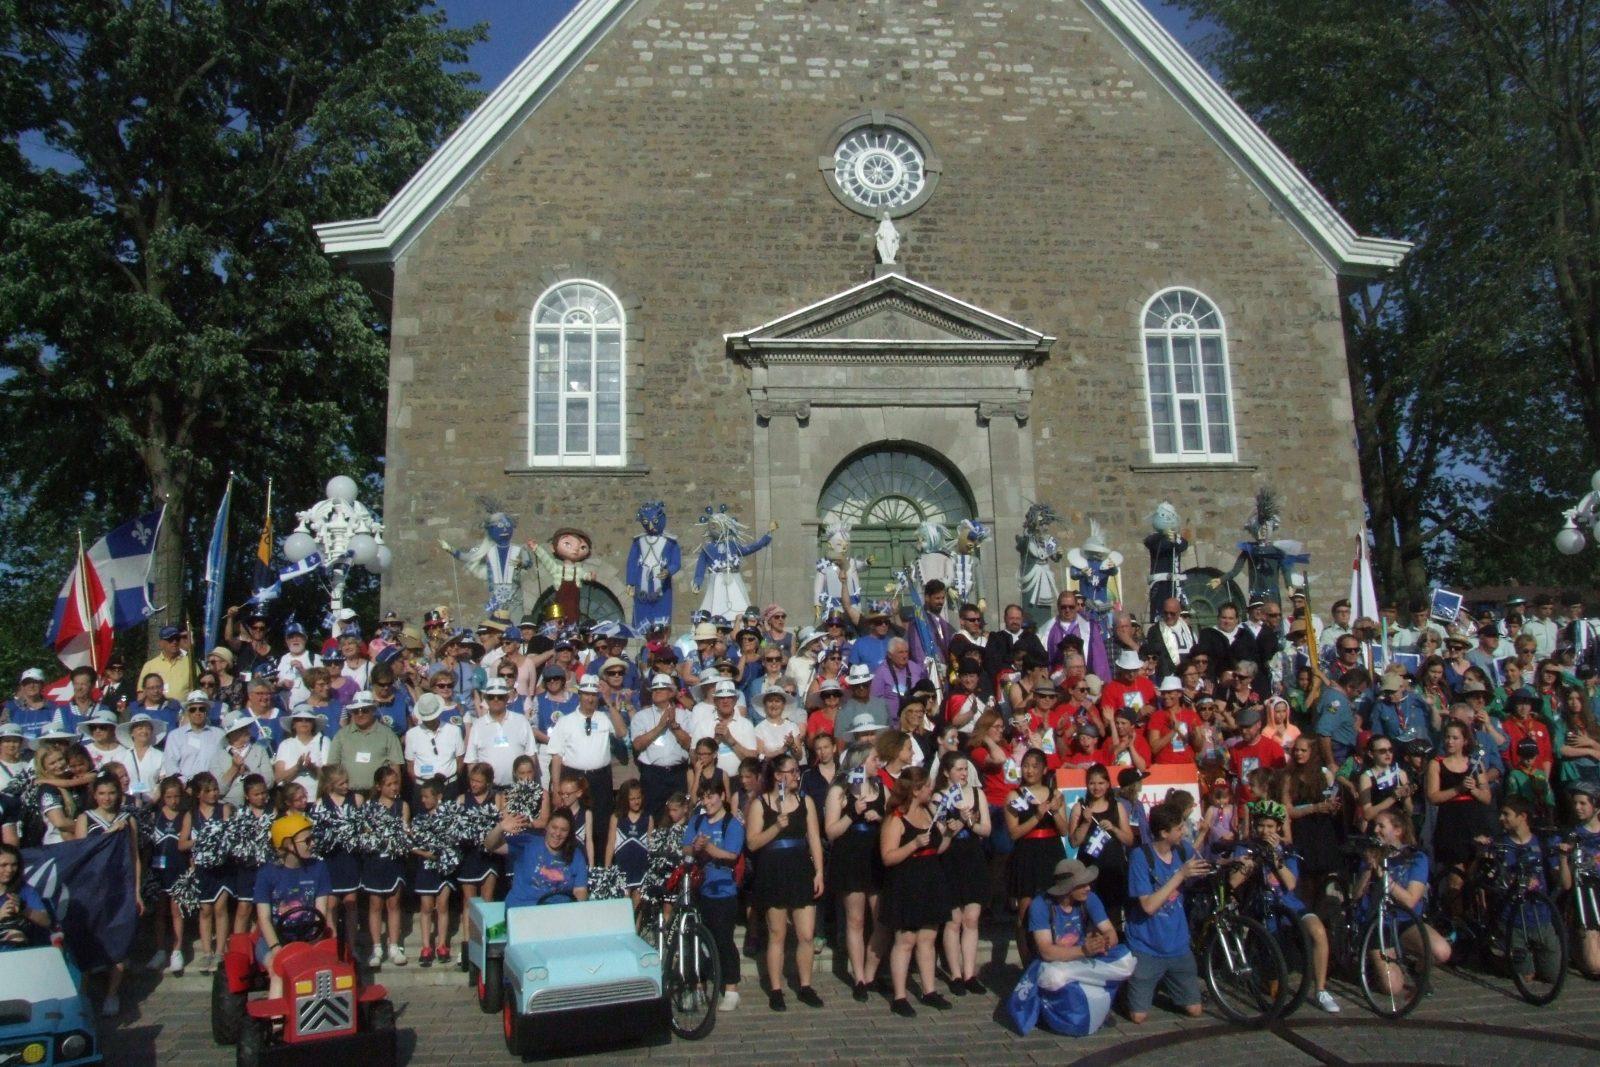 Un clin d'oeil au passé à la fête nationale dans le Vieux-Boucherville